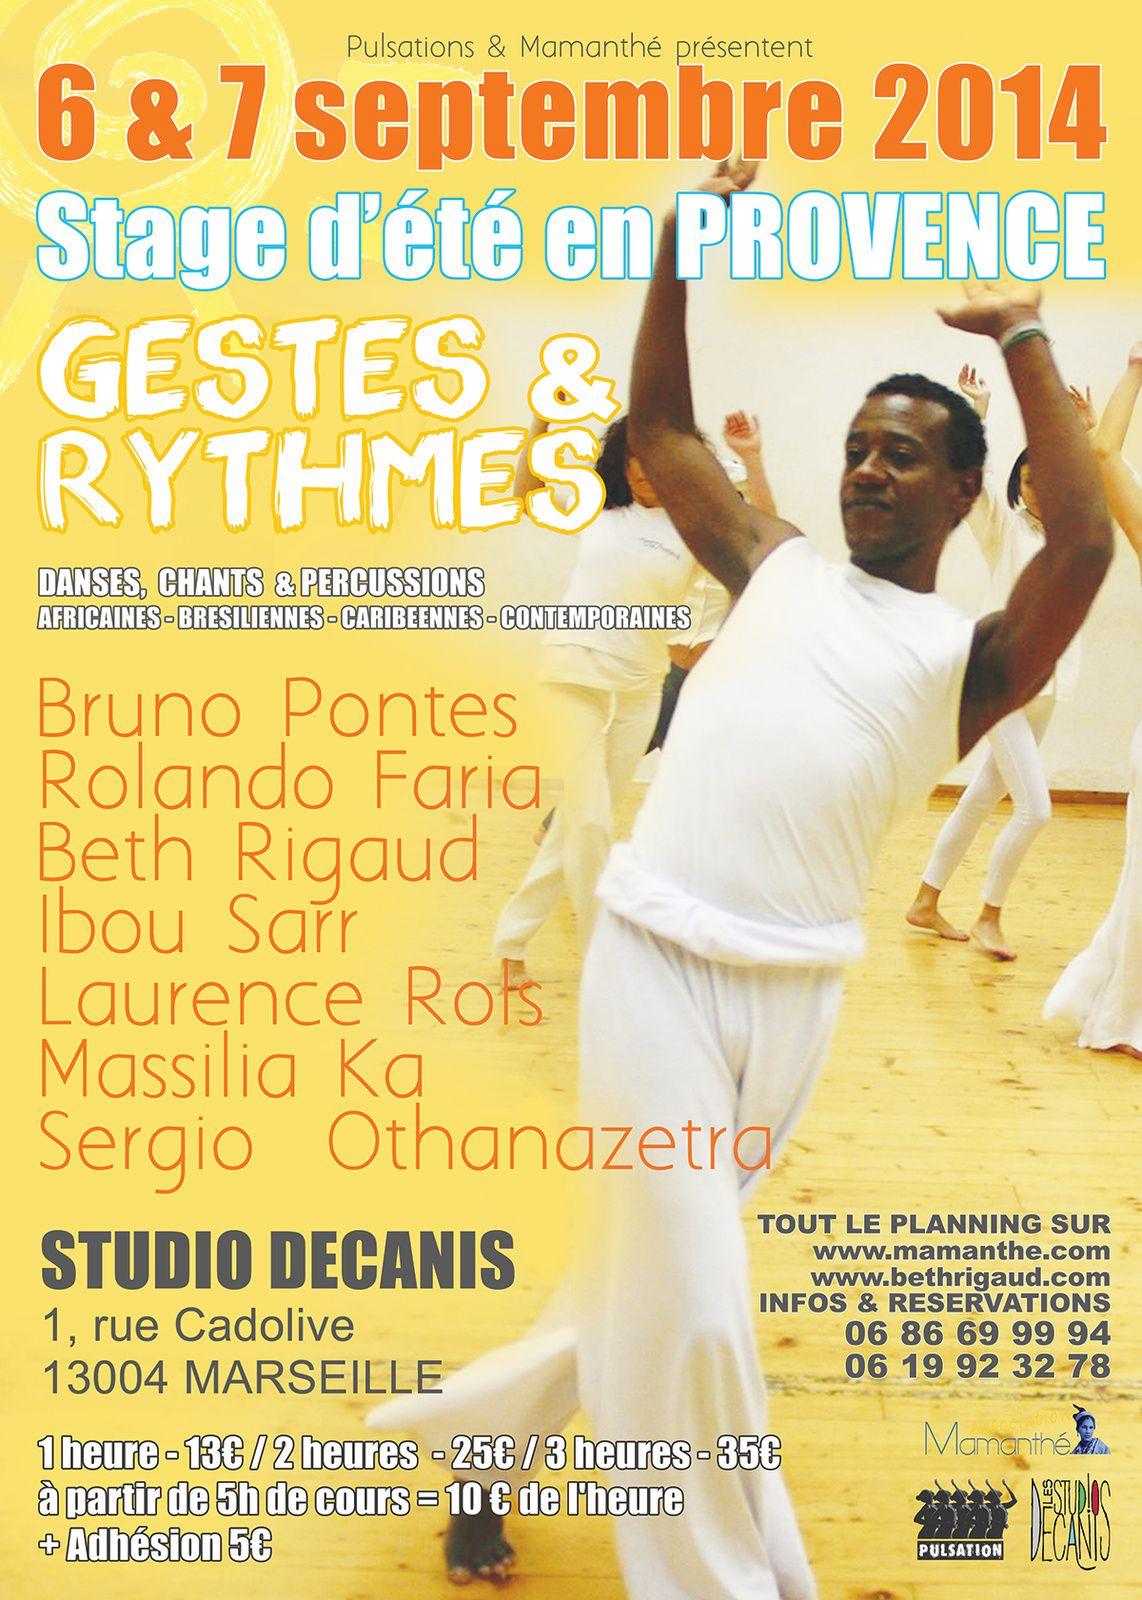 """Du 06 au 07/09/14 - Stage d'été en Provence """"Gestes & Rythmes"""" - Marseille"""